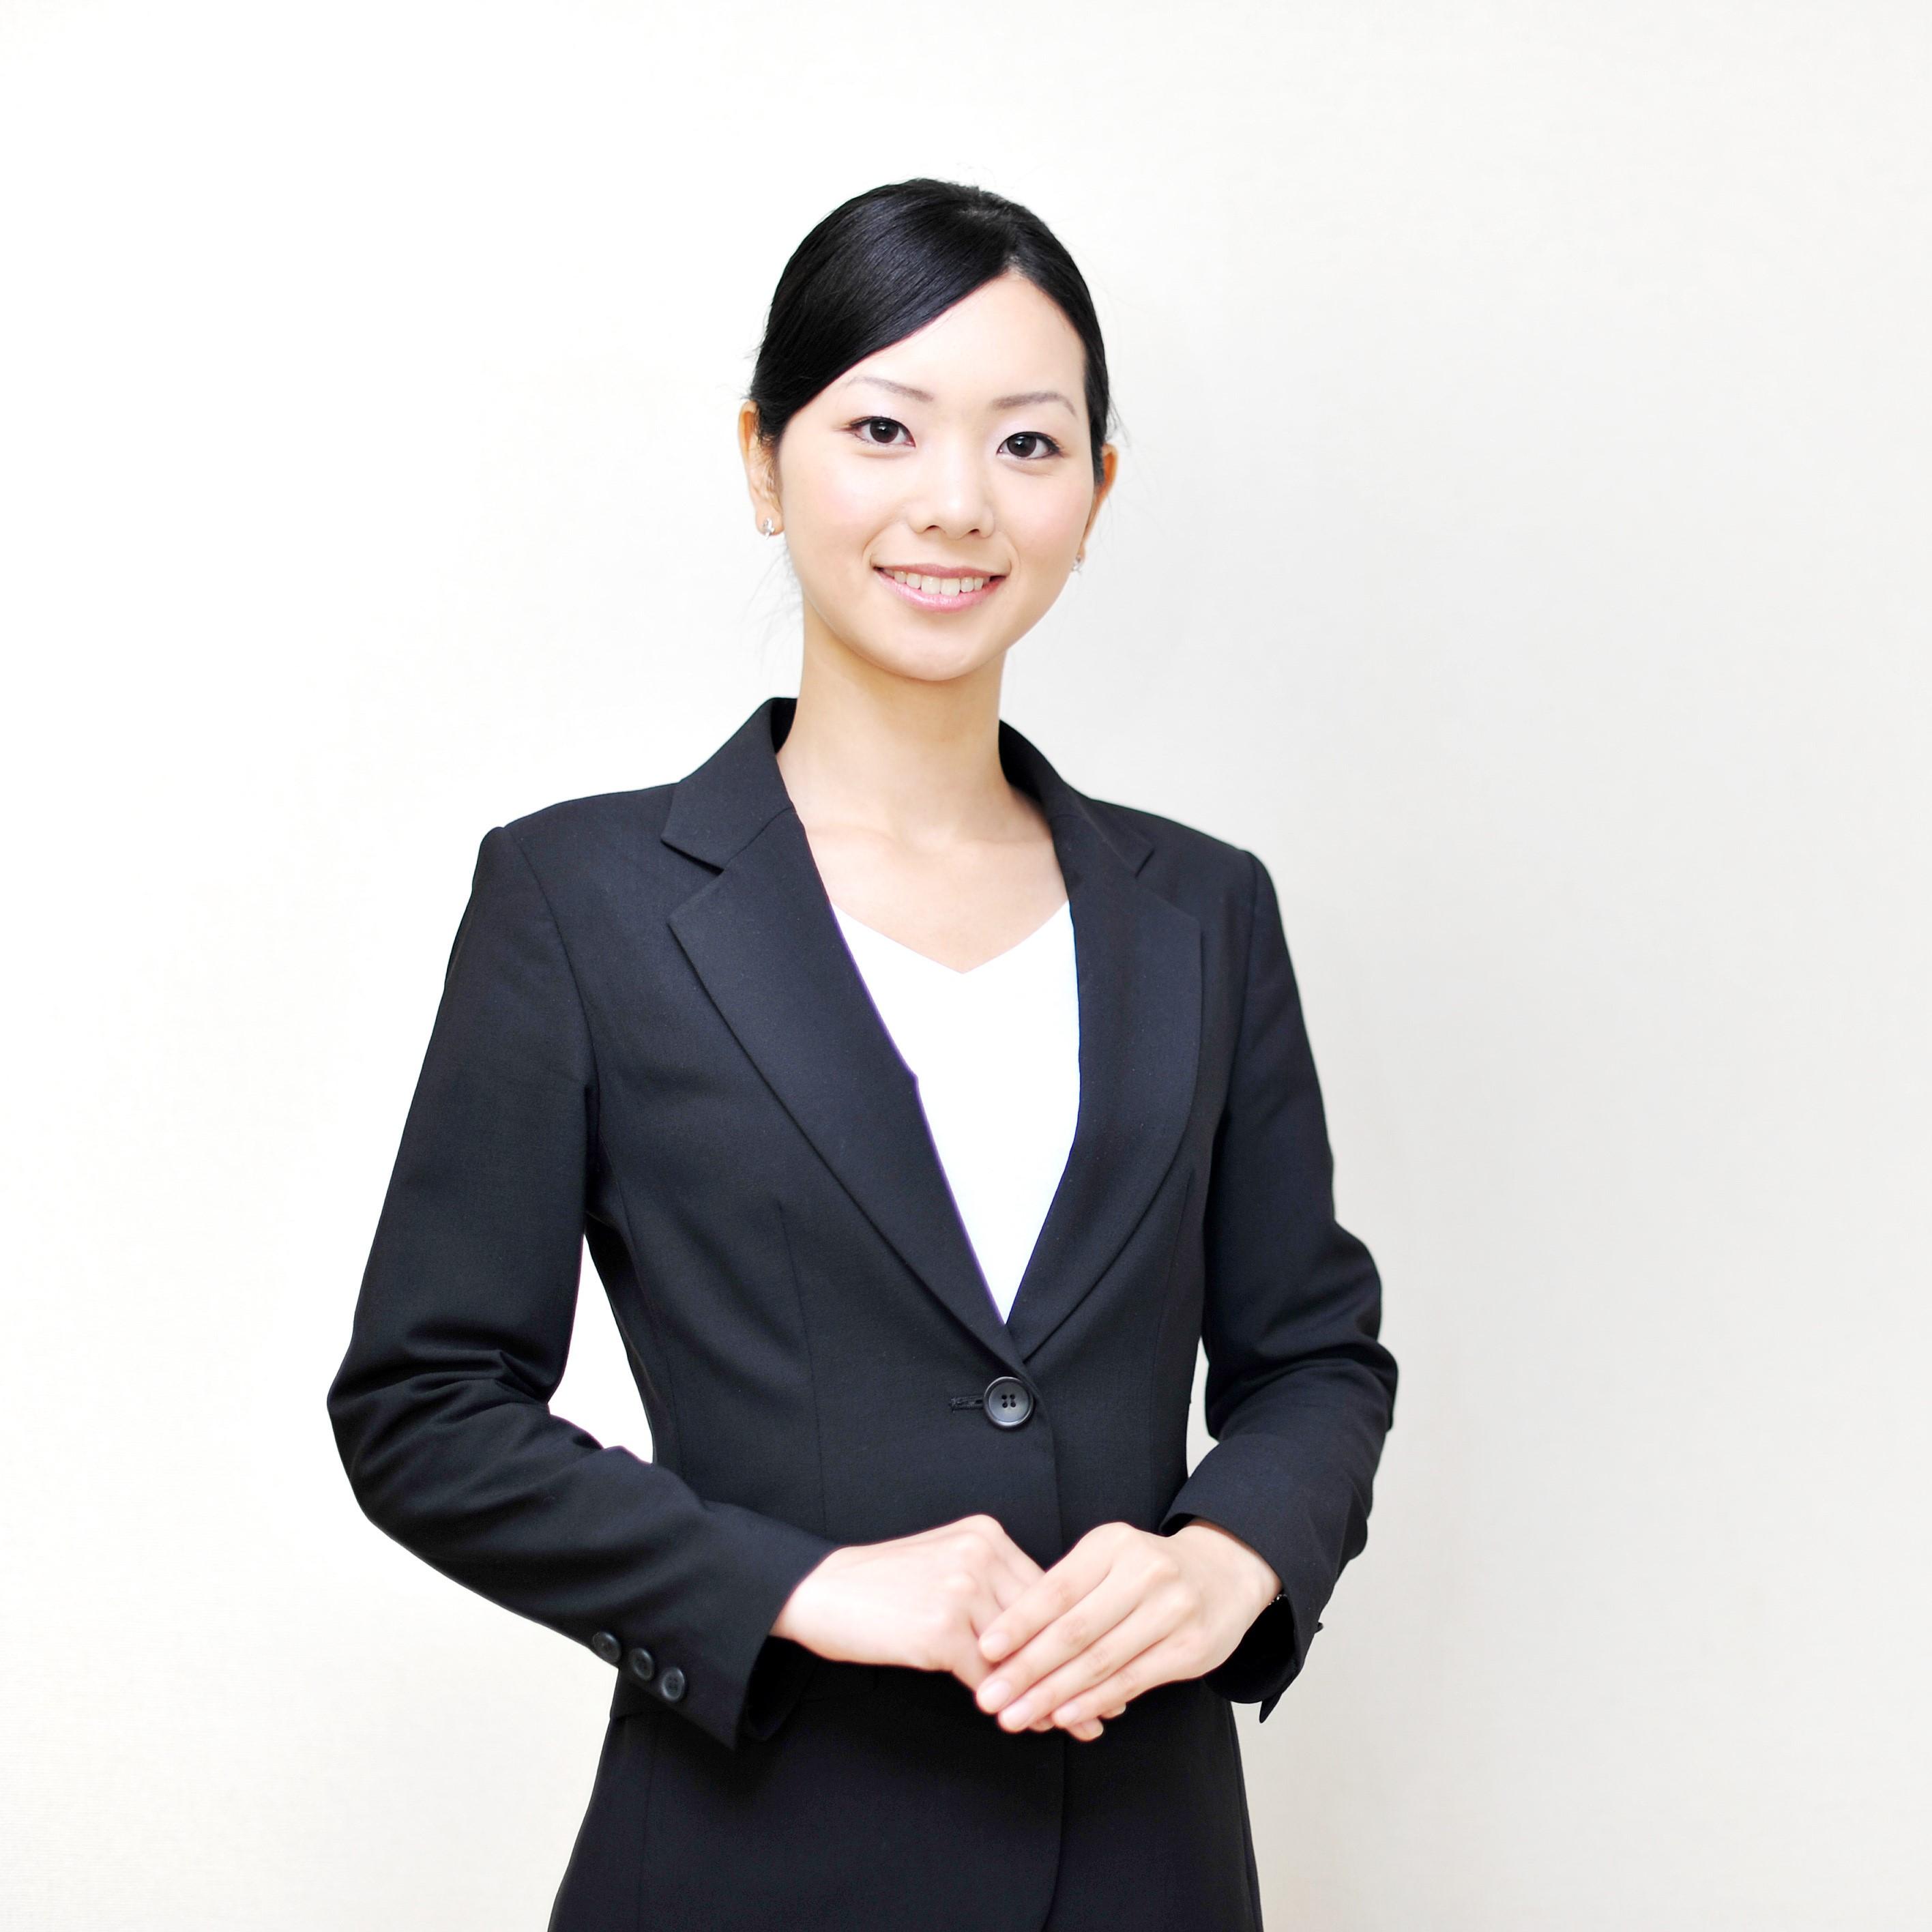 プランナー・プロデューサー